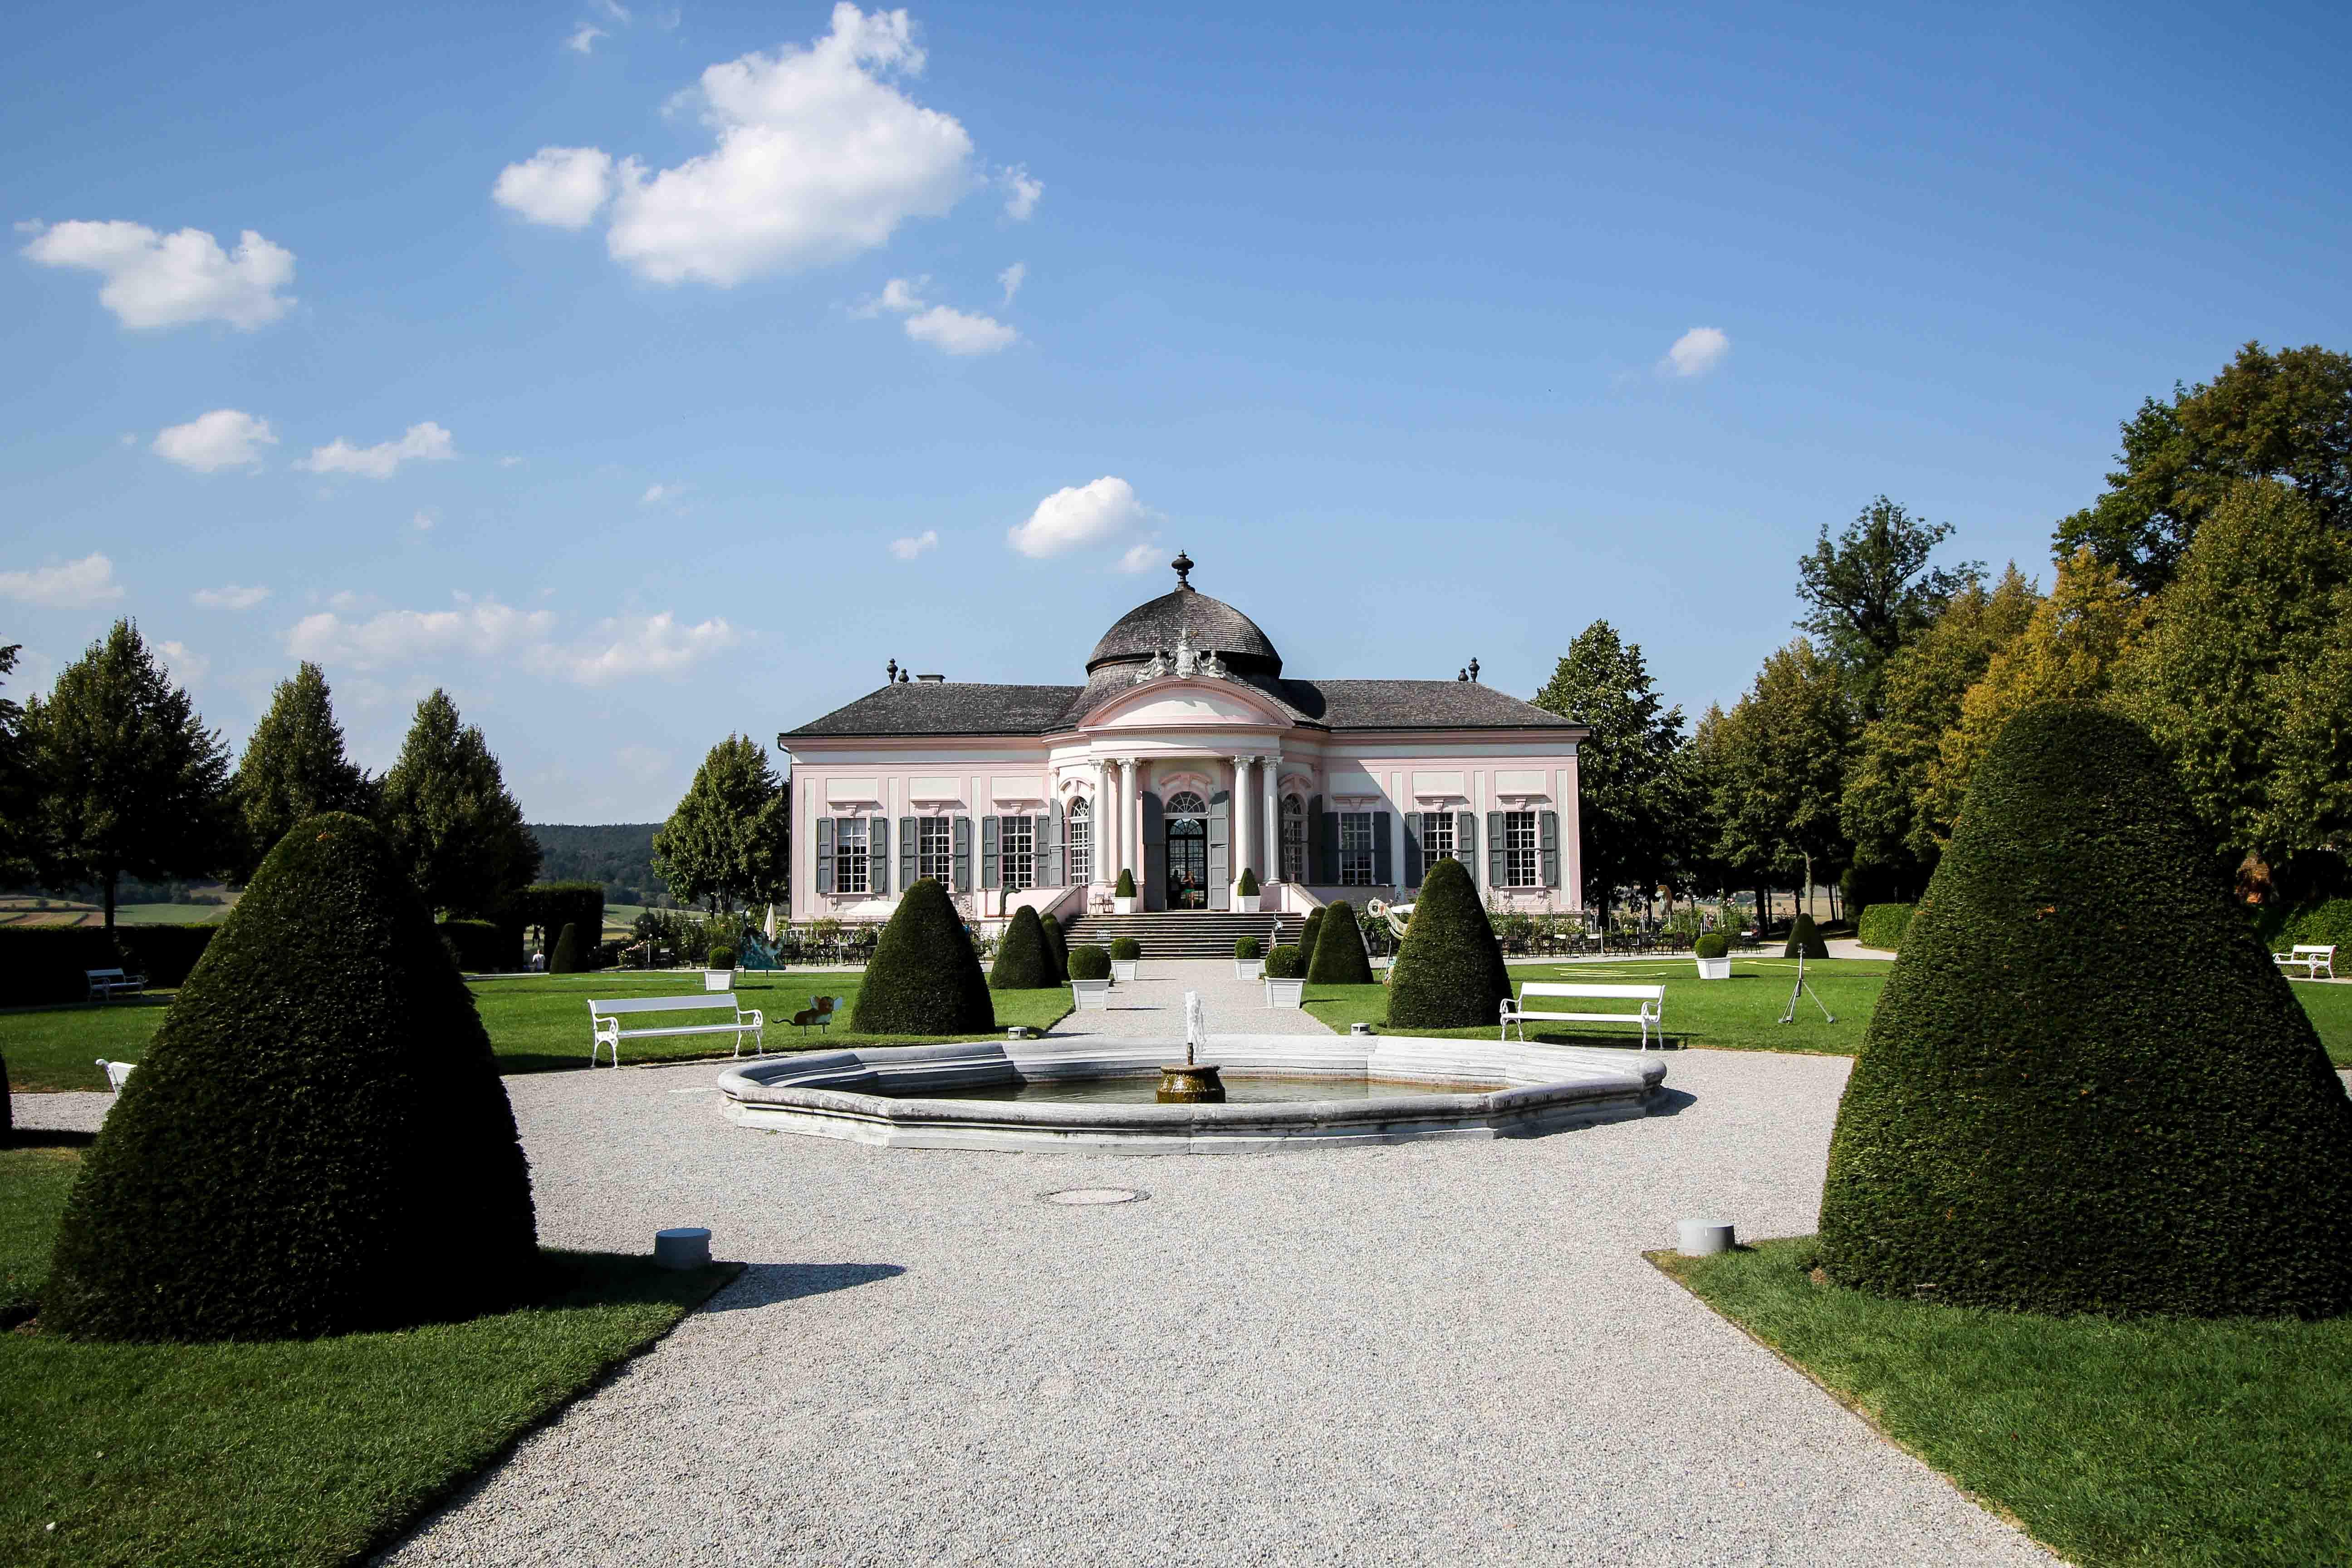 Wachau Österreich Melk Stift Melk Benediktinerkloster Gartenpavillion Insider Tipps Sehenswürdigkeiten Donaukreuzfahrt Arosa 2